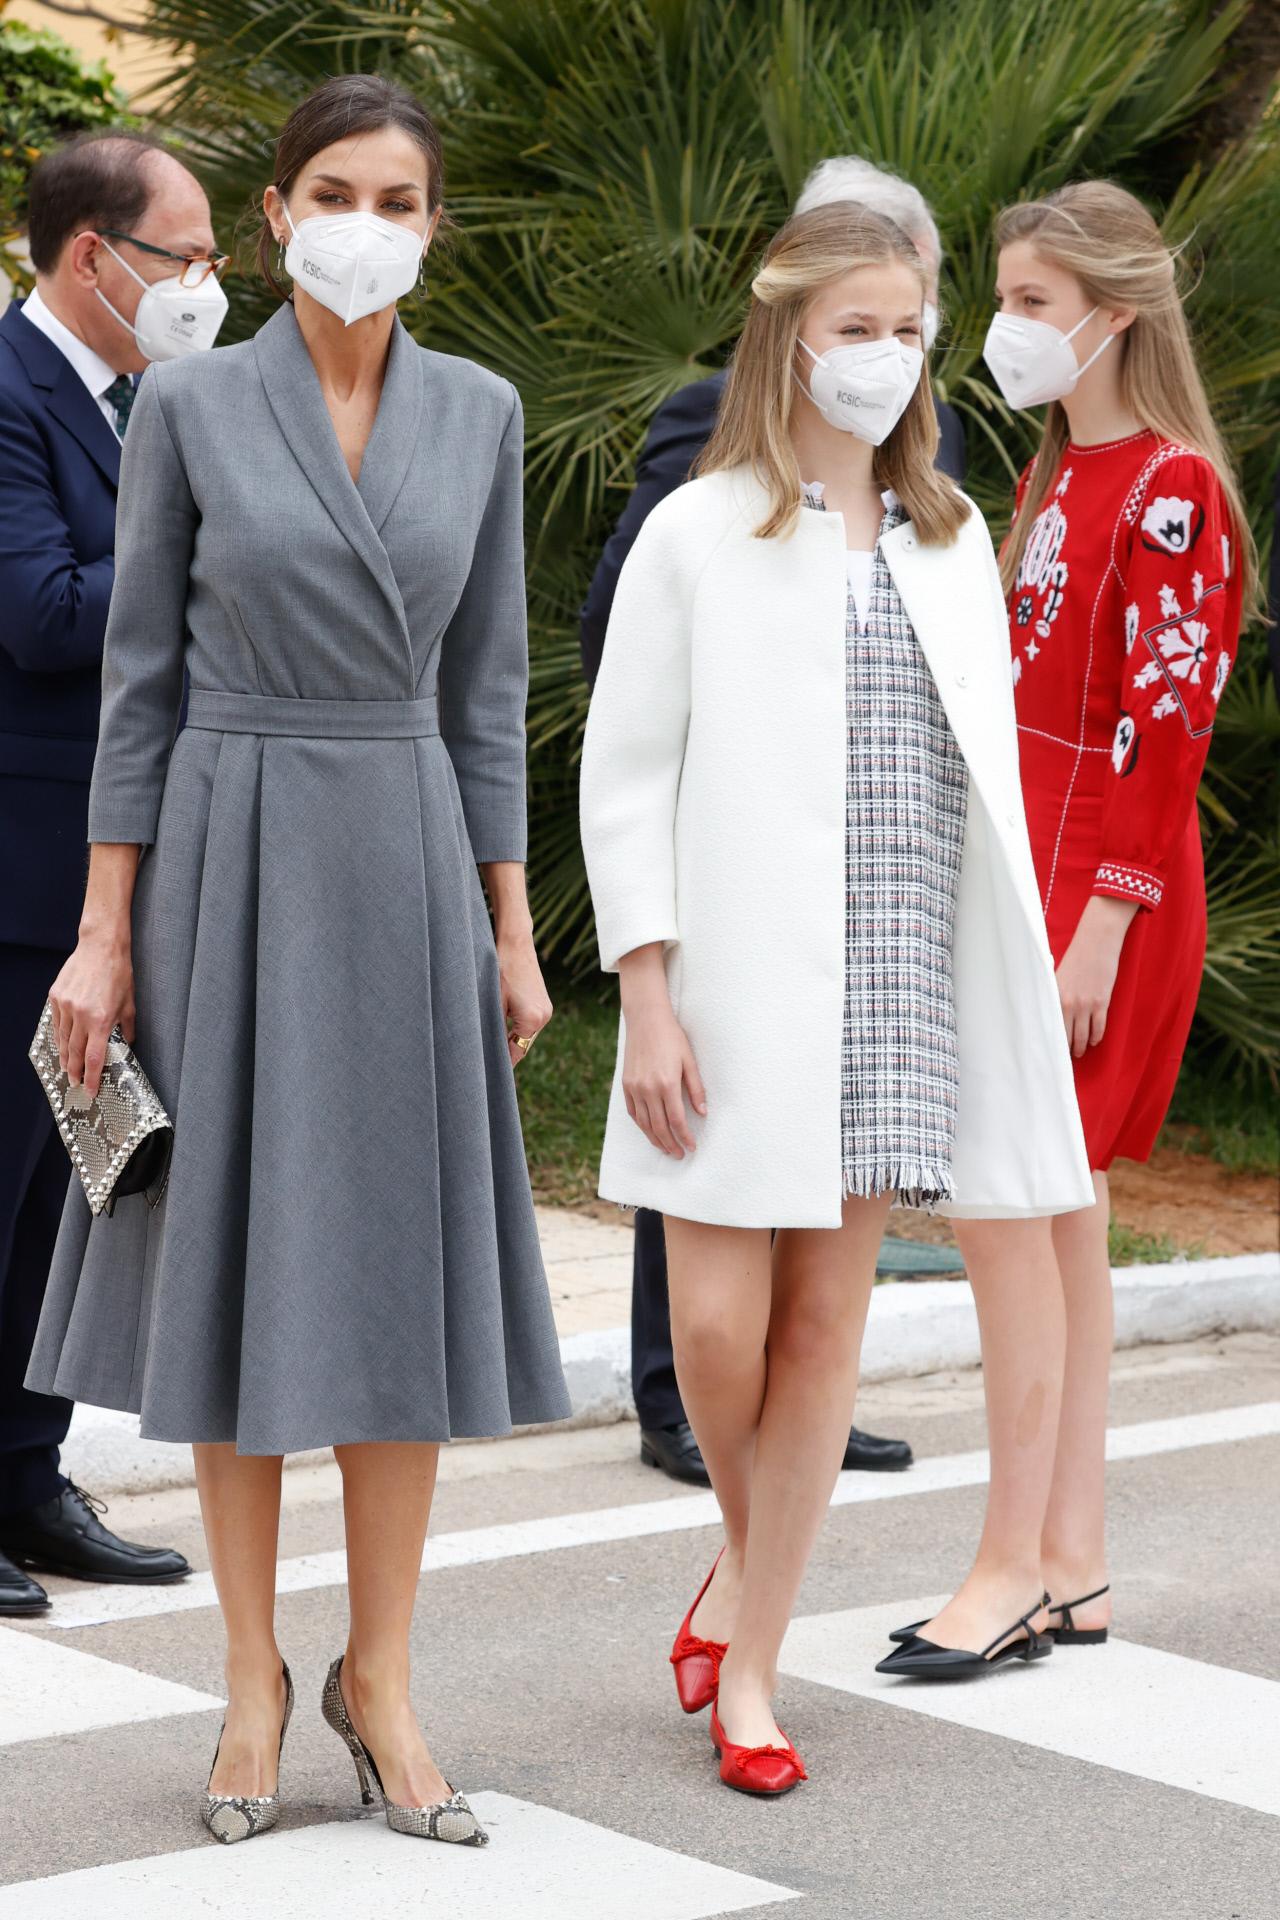 La reina Letizia con la princesa Leonor y la infanta Sofía.